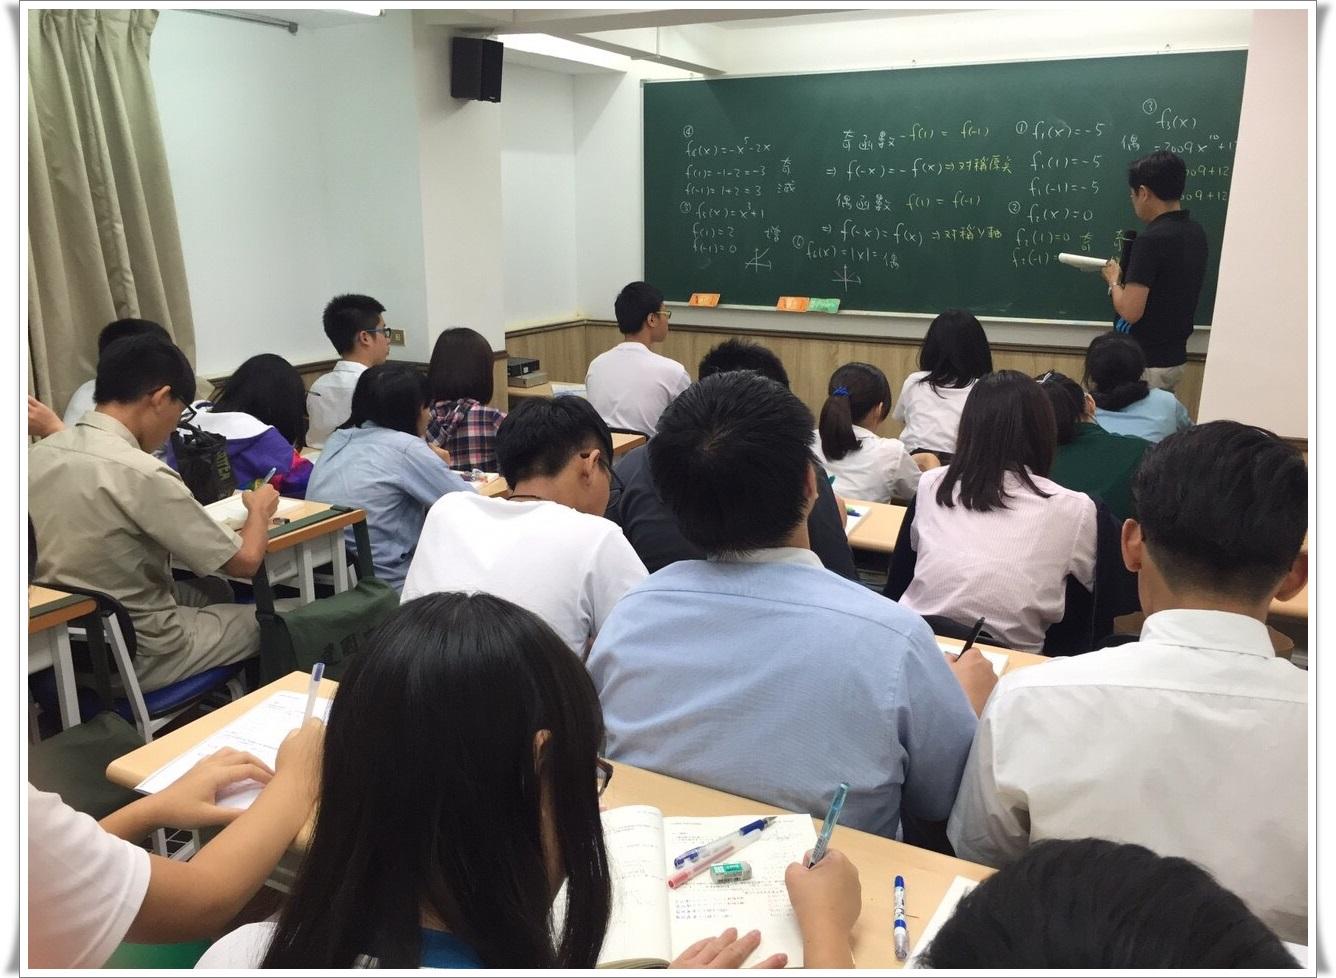 補習班環境介紹2